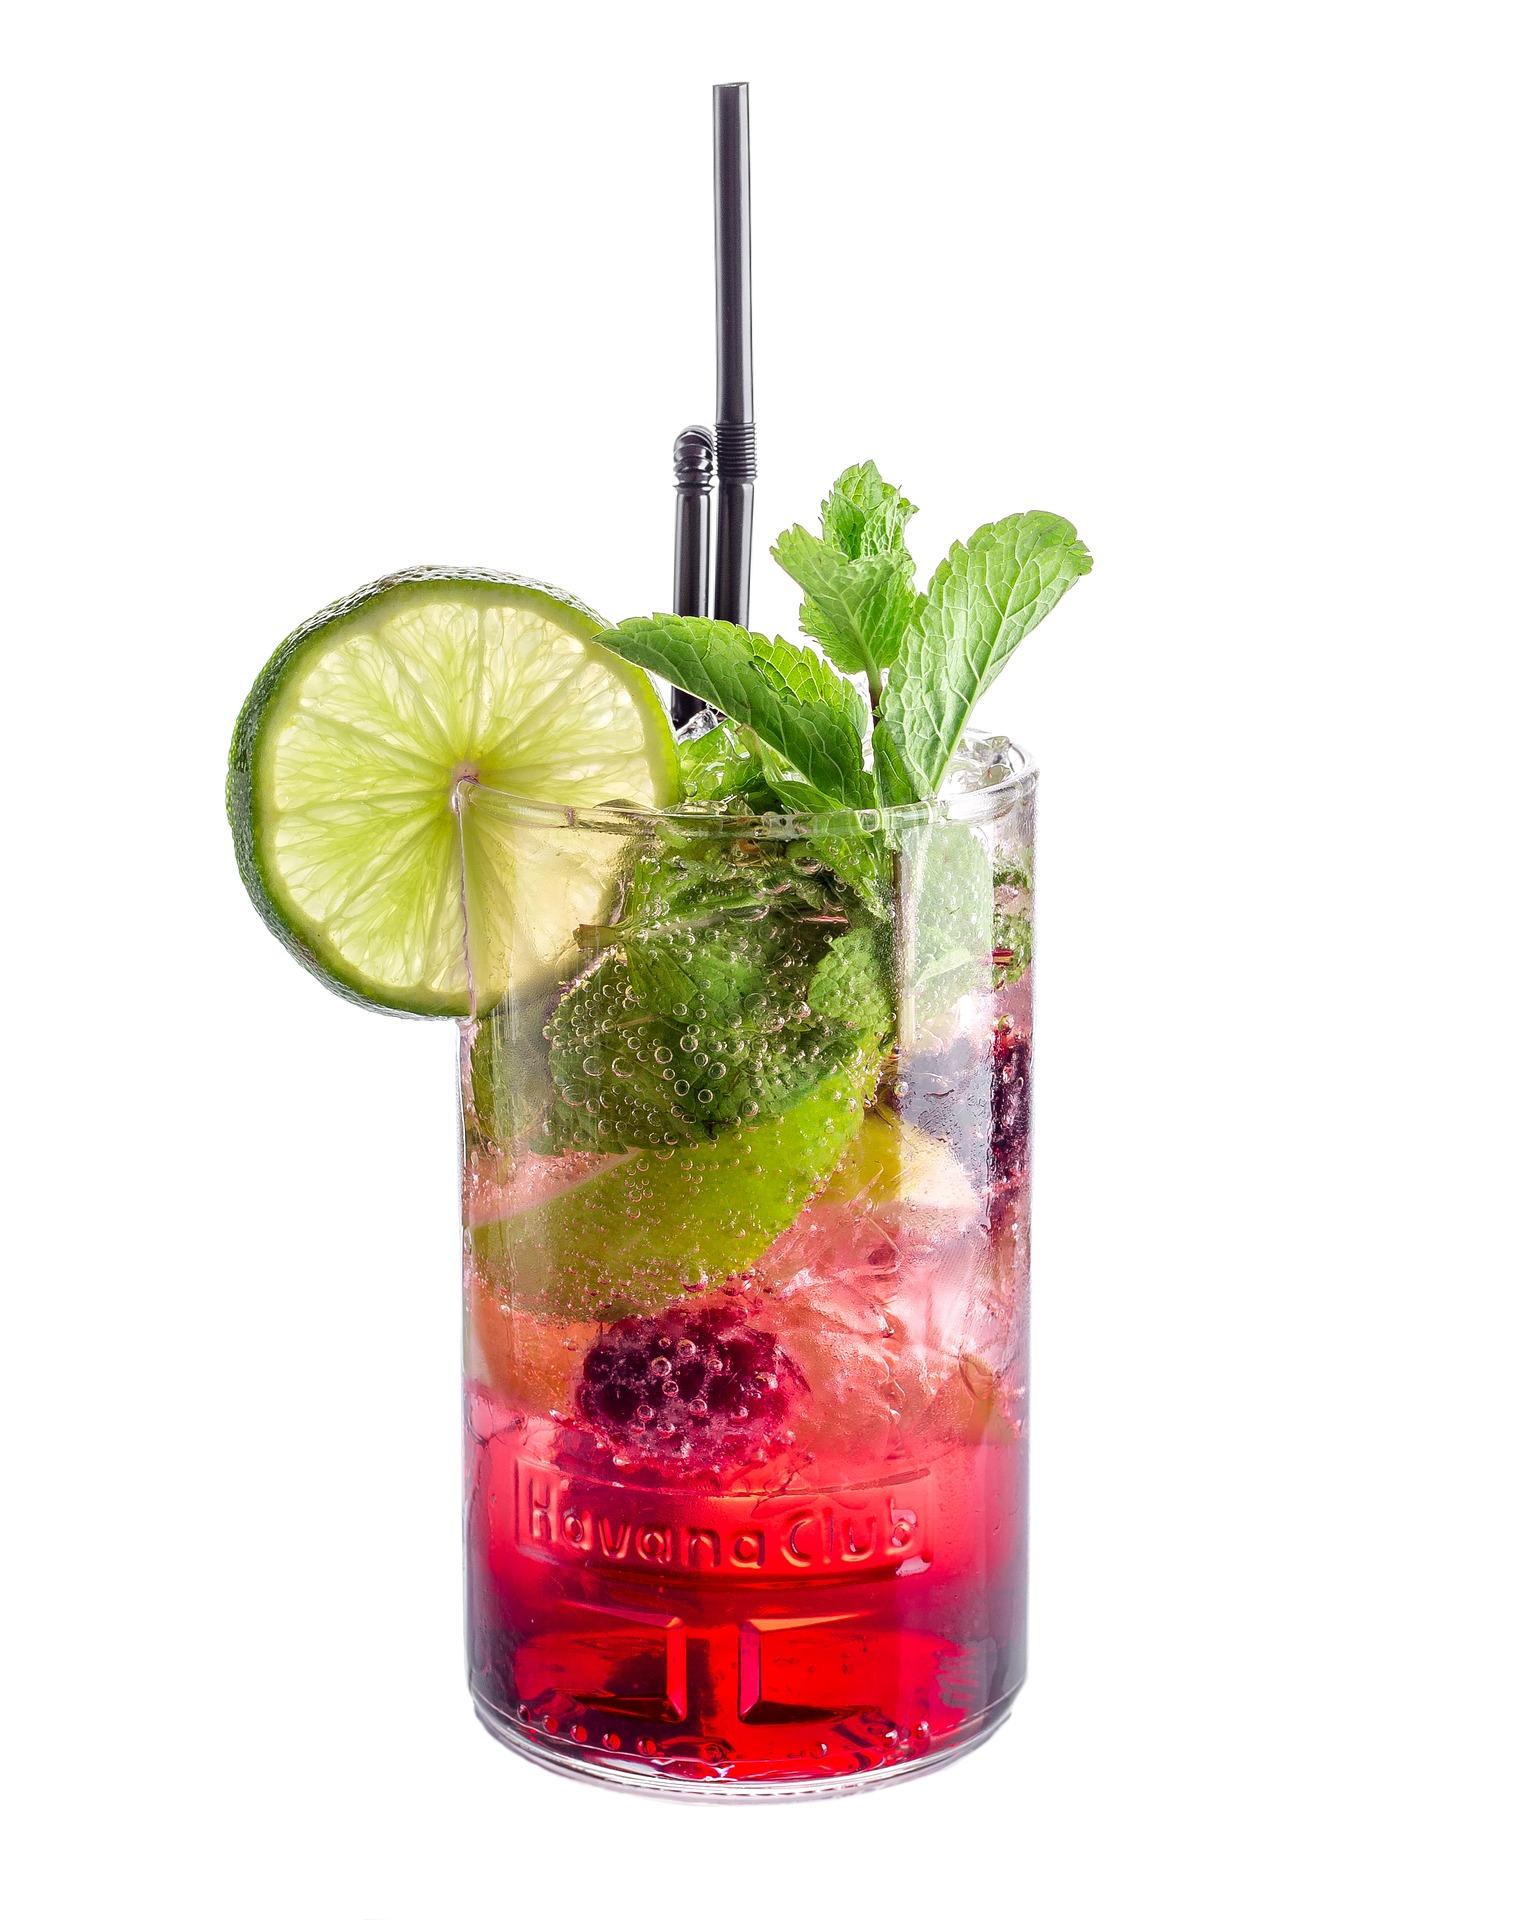 Lemon-Rosemary Punch Cocktail